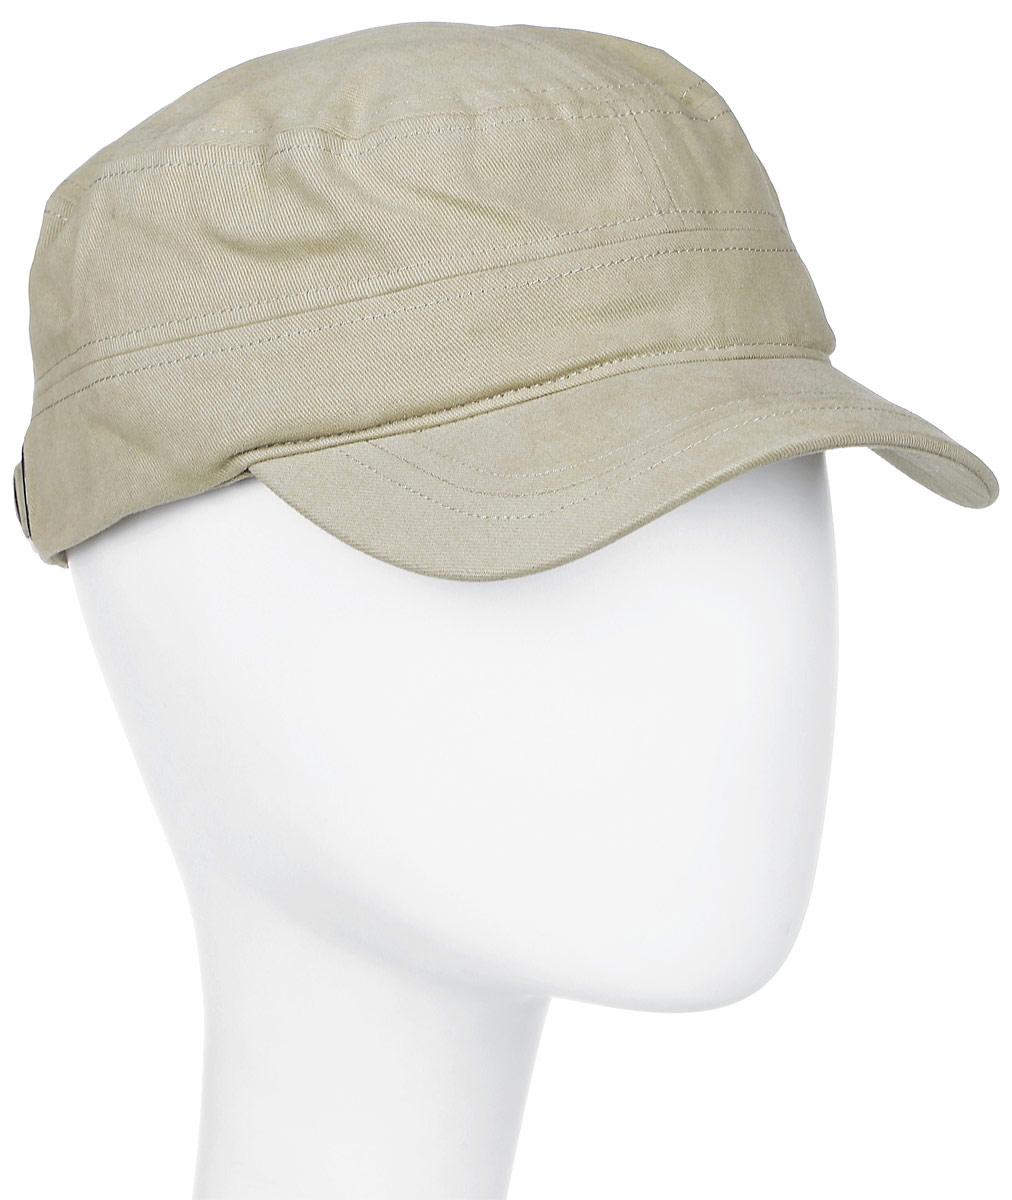 Кепка The North Face Logo Military Hat, цвет: бежевый. T0A9GX78S. Размер S/M (56/57)T0A9GX78SThe North Face Logo Military Hat - аккуратная универсальная кепка с регулировкой обхвата, выполненная в армейском стиле. Верхний слой из хлопка и спандекса и подкладка из хлопка обладают отличными тянущимися свойствами. Вышитый логотип спереди. Кепка The North Face Logo Military Hat - стильное дополнение к любой одежде.